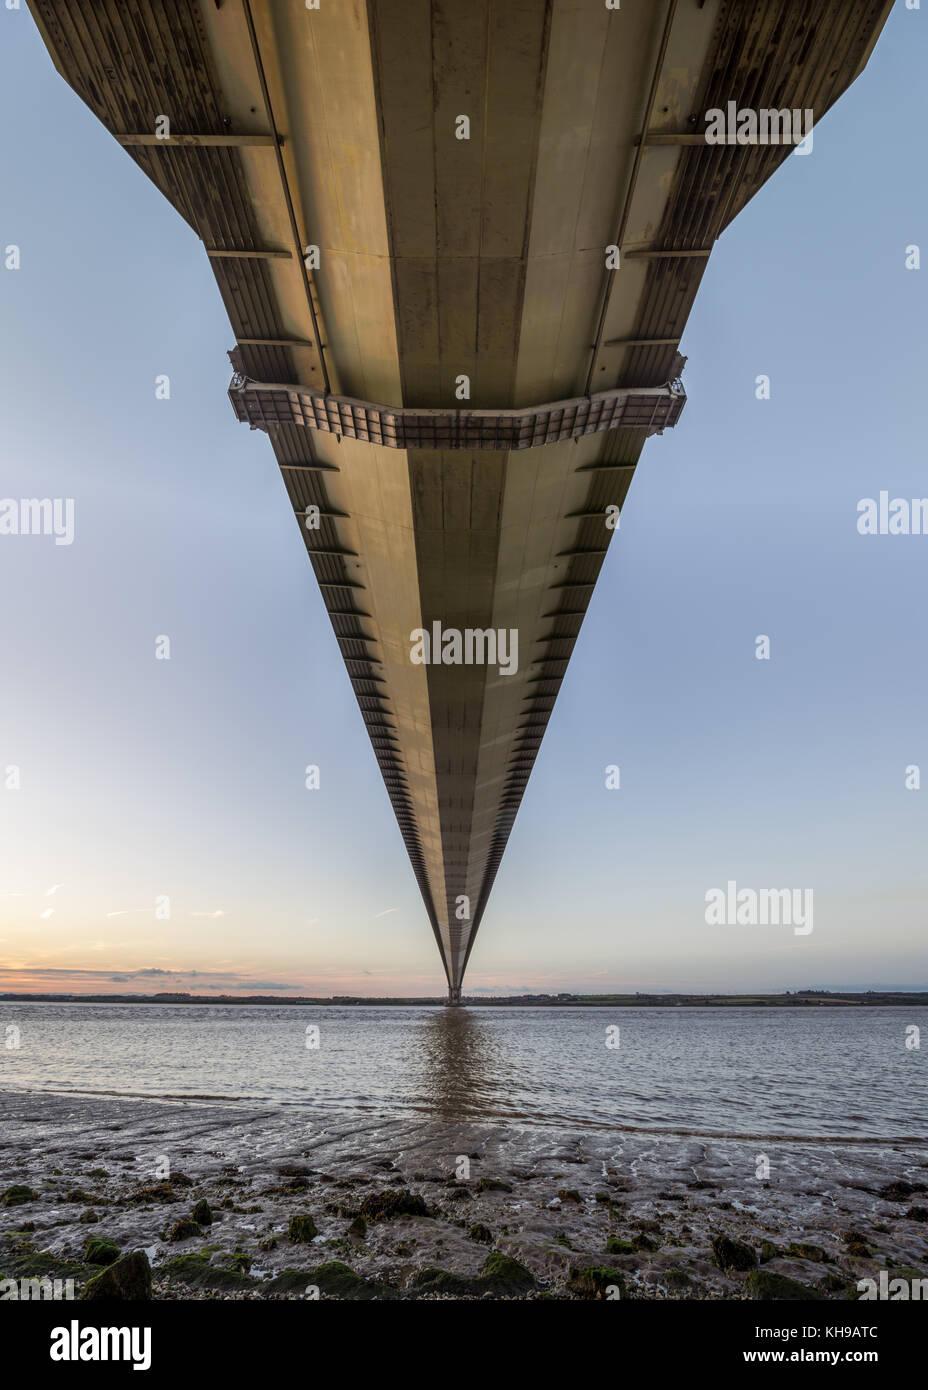 Humber Bridge, Sunrise - Stock Image